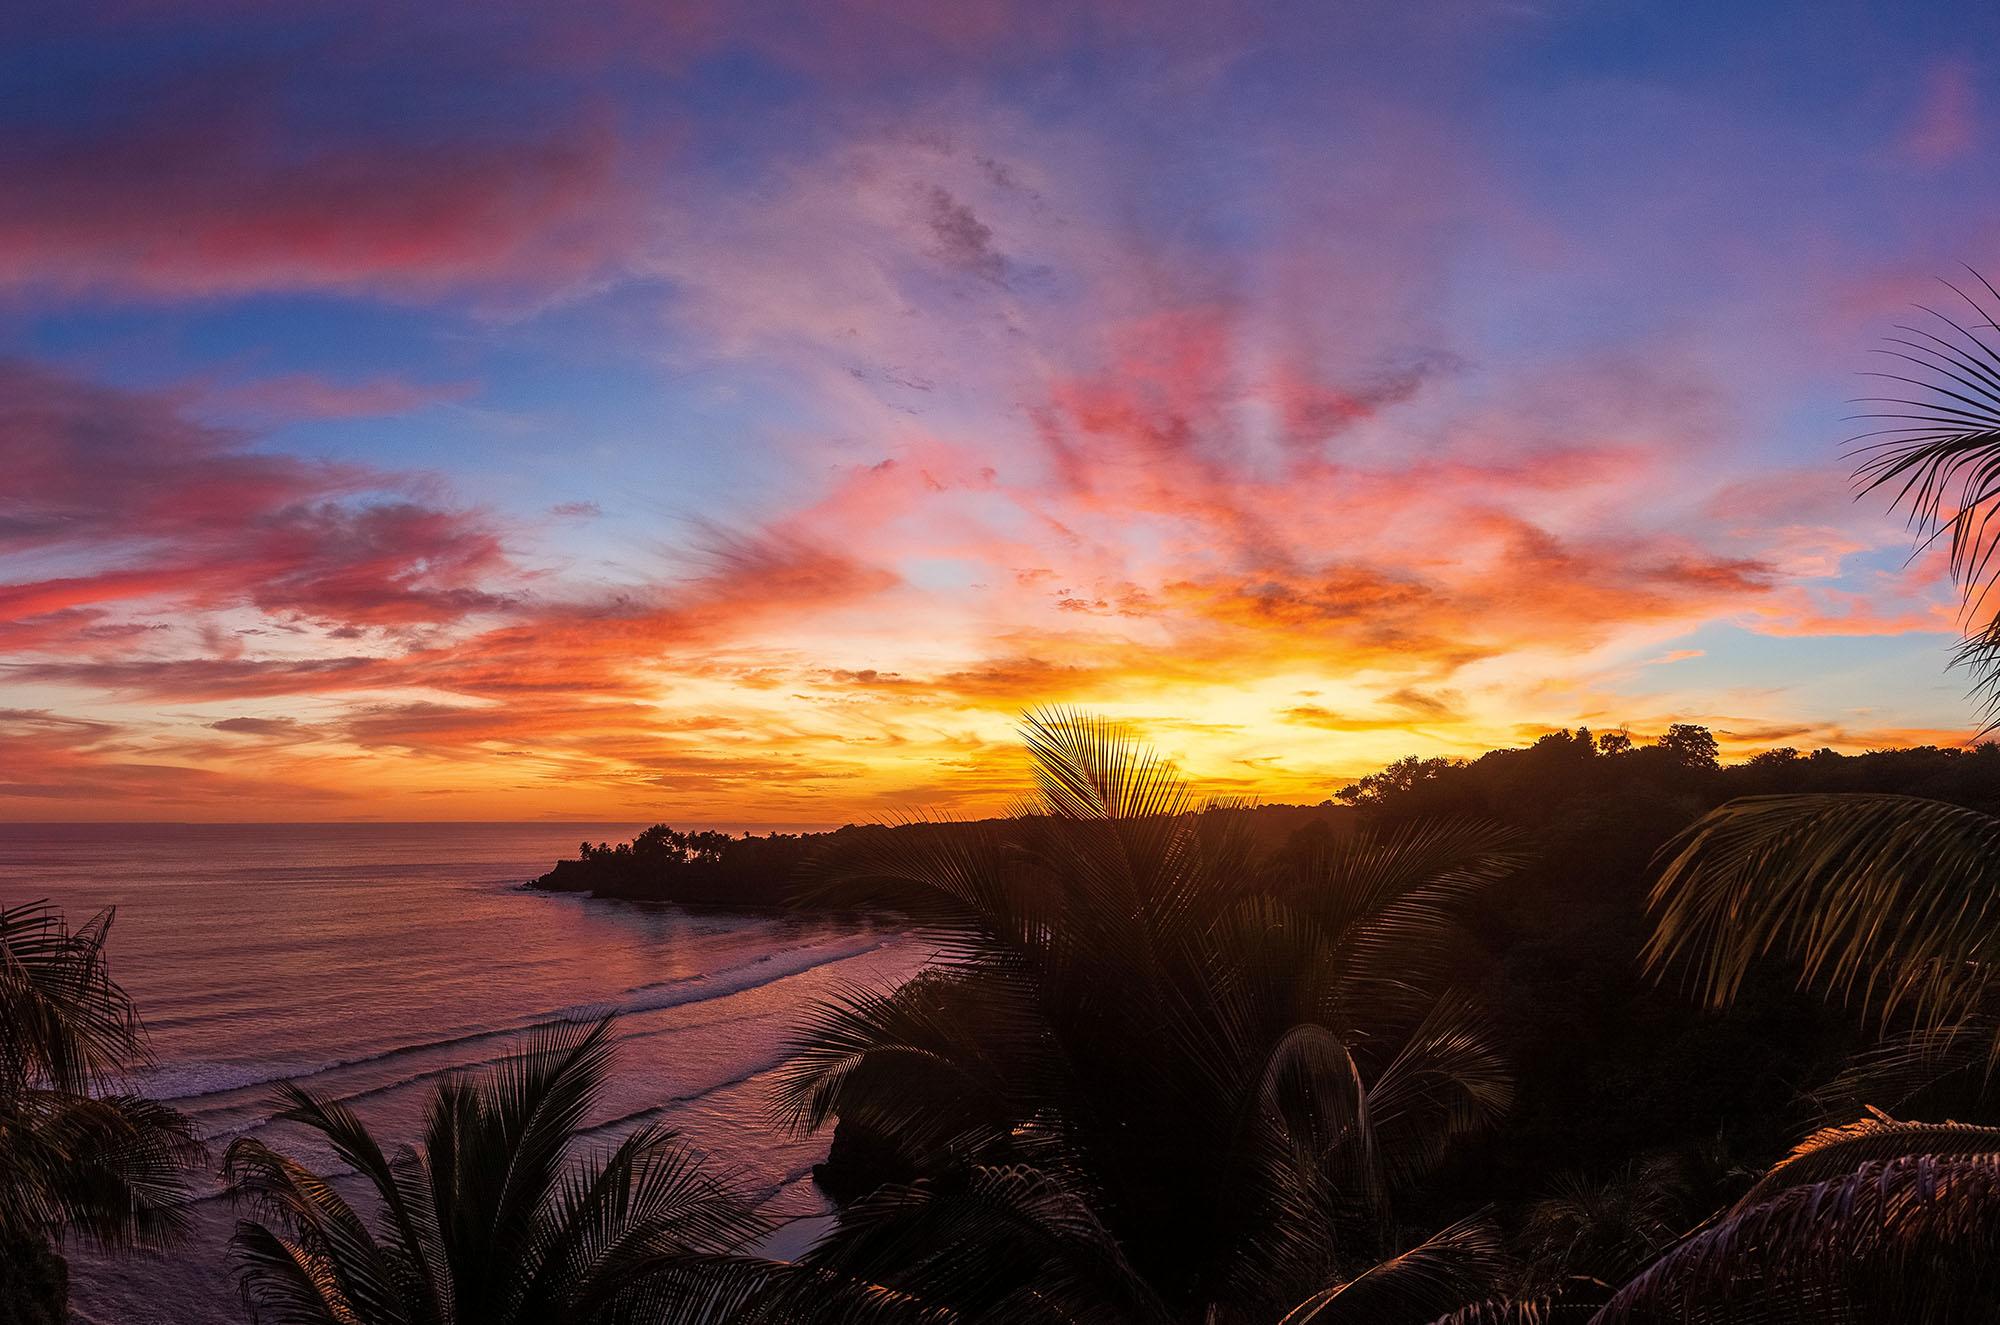 Puesta de sol en la playa de los mangos en El Salvador